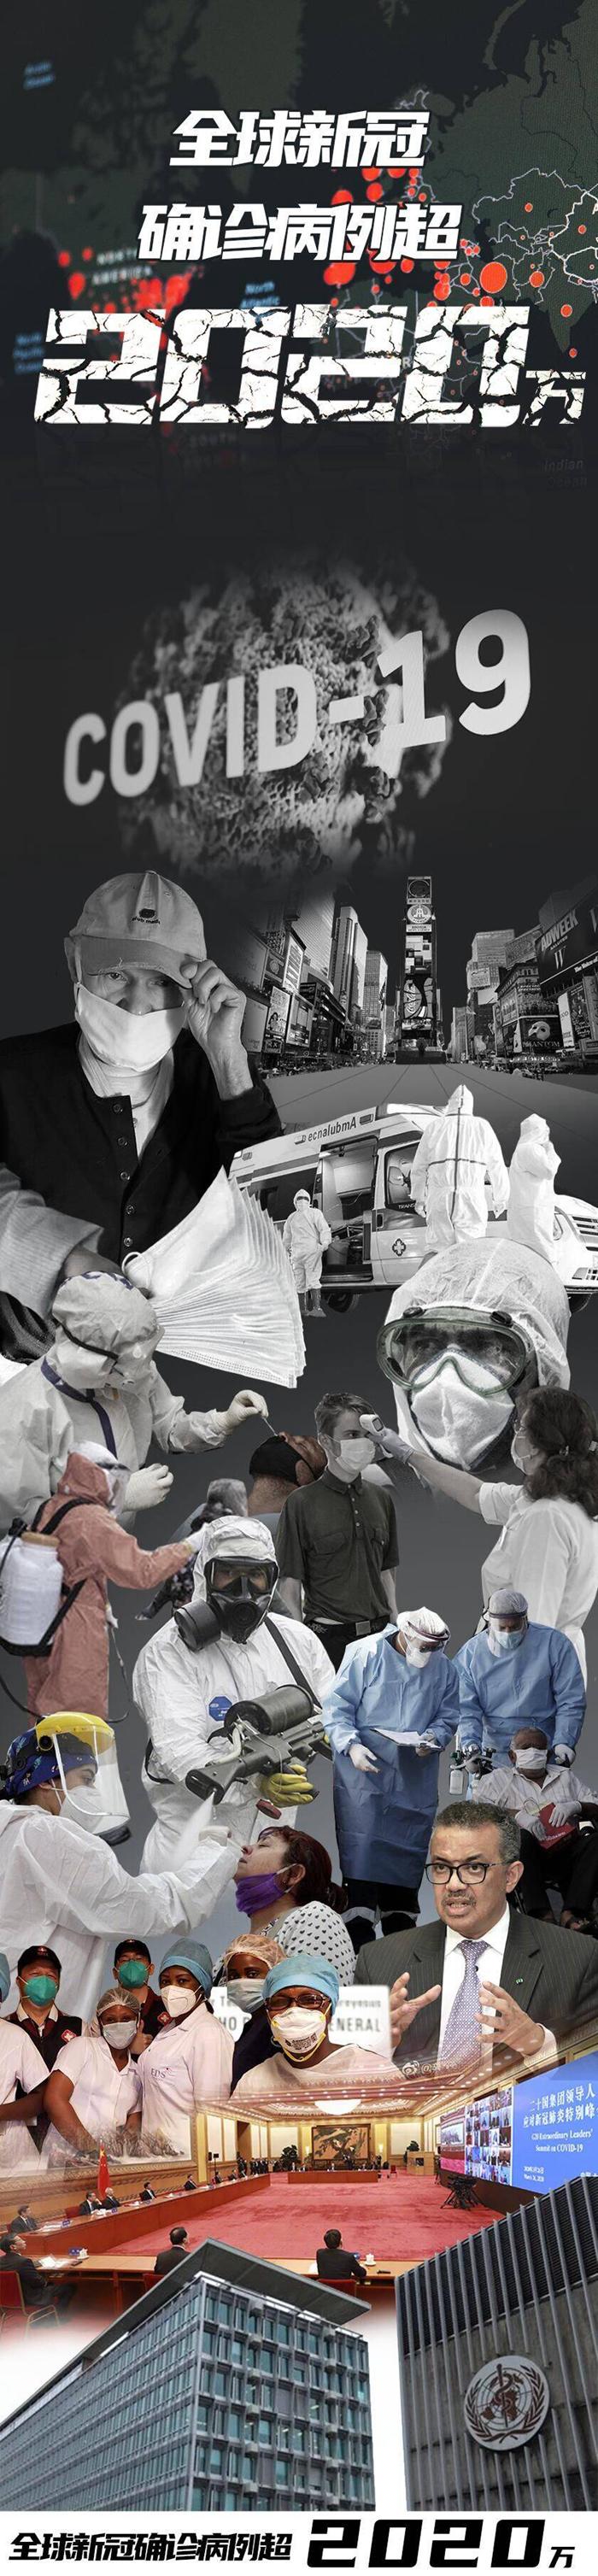 世界抗疫之战的启示:全球新冠确诊病例破2020万的背后